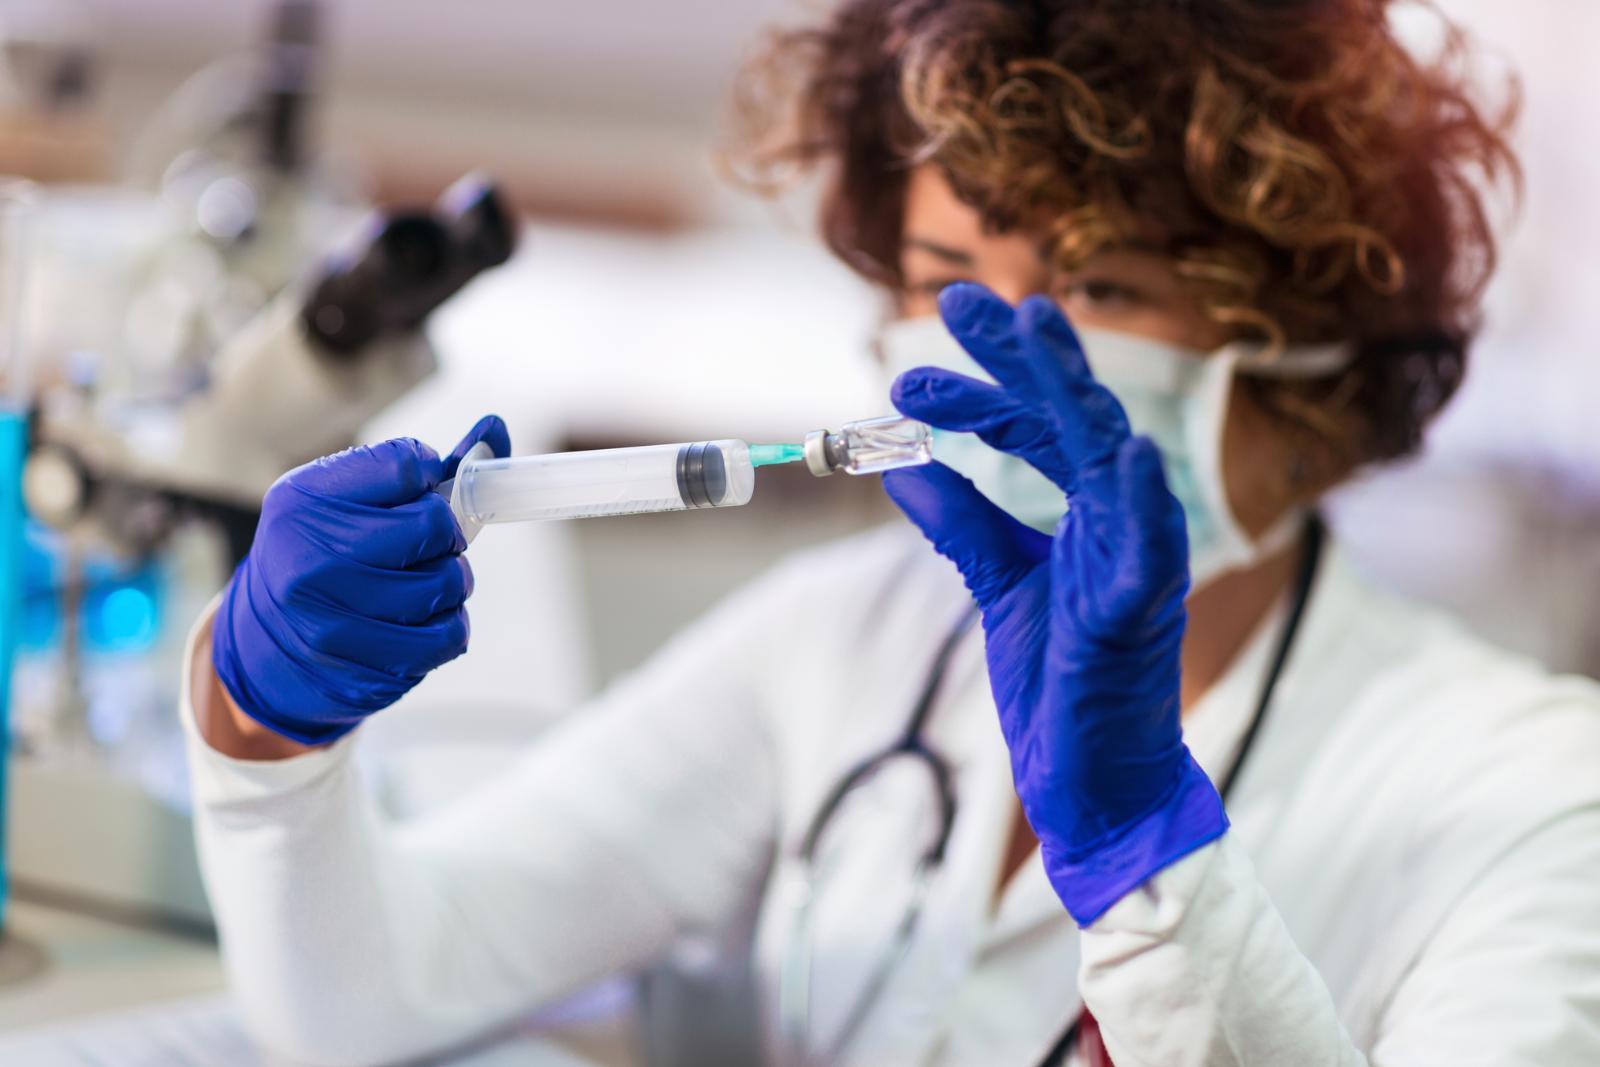 Оспинка на плече — наш ангел-хранитель! Новые доказательства, что прививка БЦЖ защищает от коронавируса